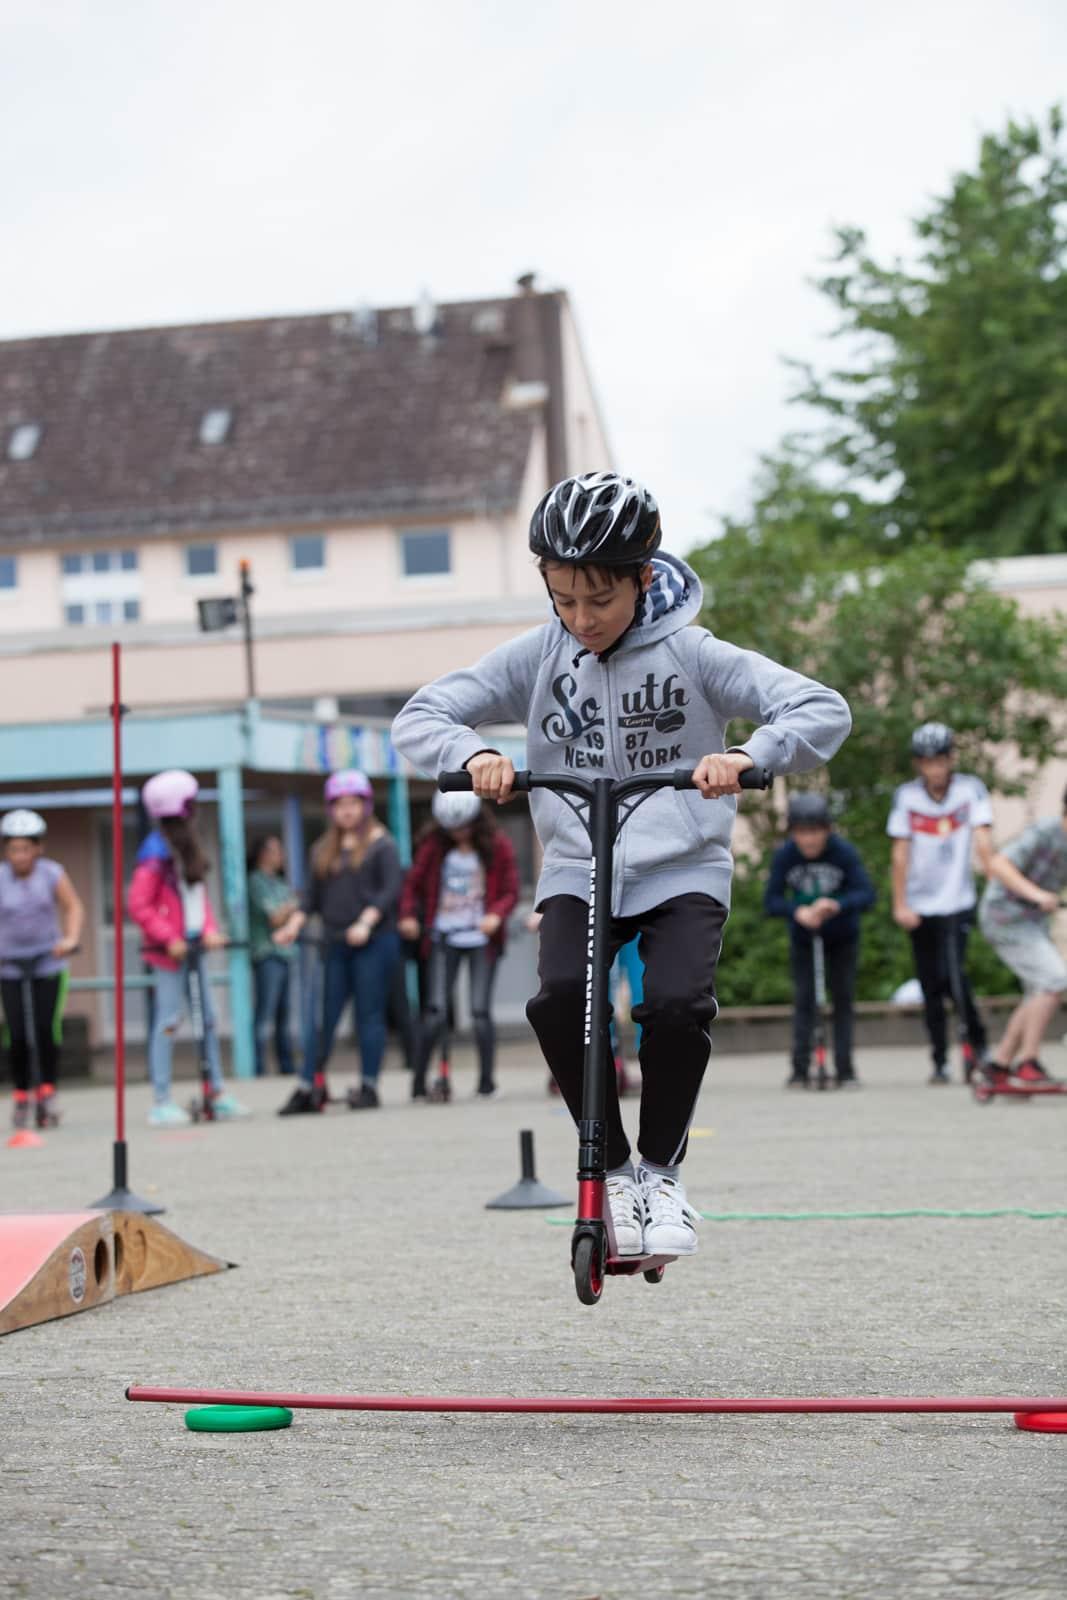 Ein Junge springt mit seinem Mini Scooter über einen Stab